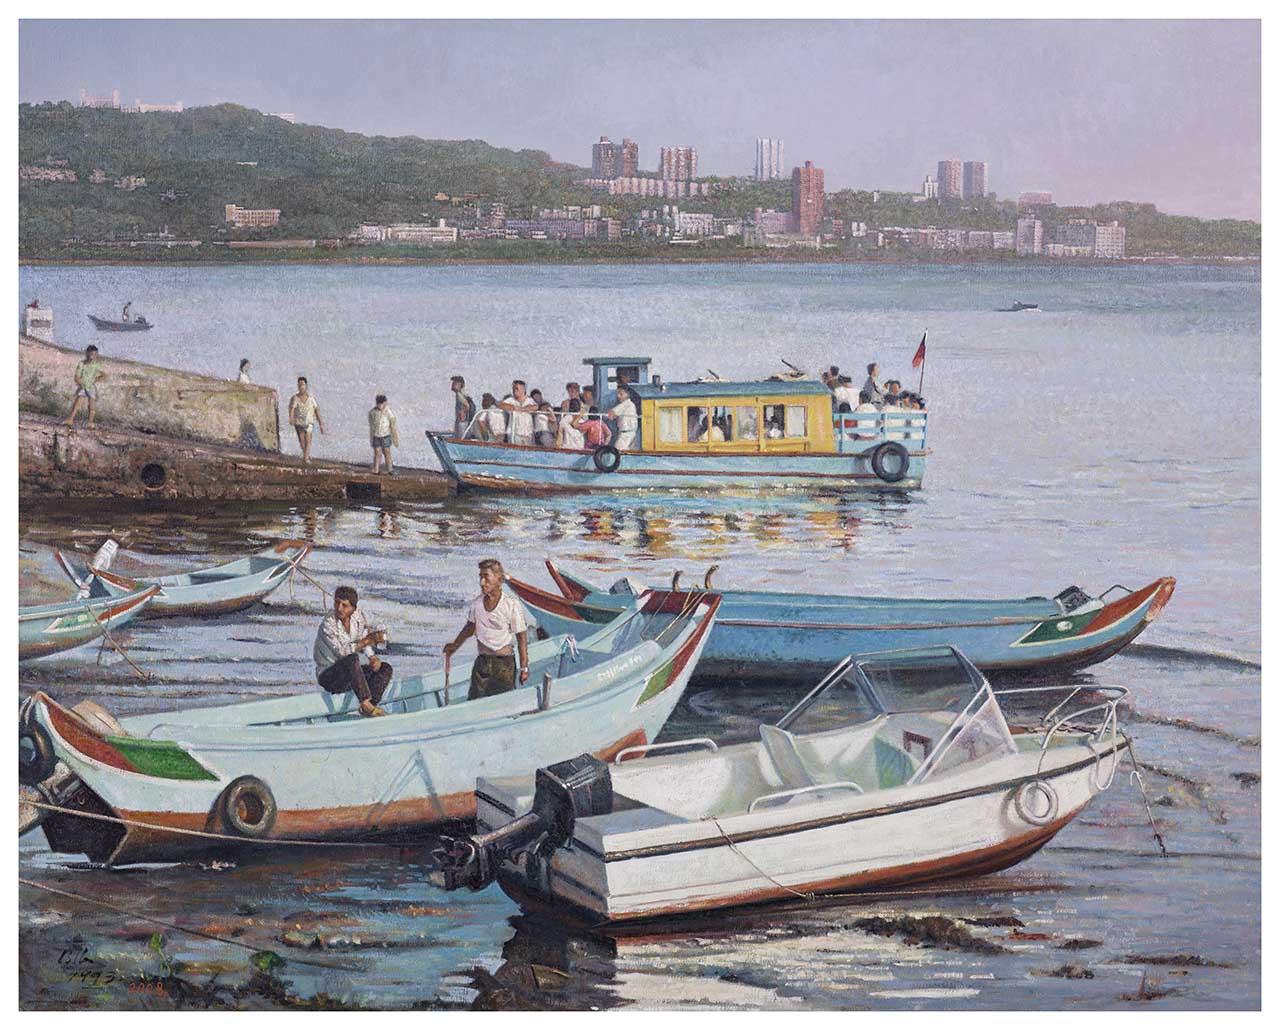 刘得浪 淡水渡轮 油彩画布 30F